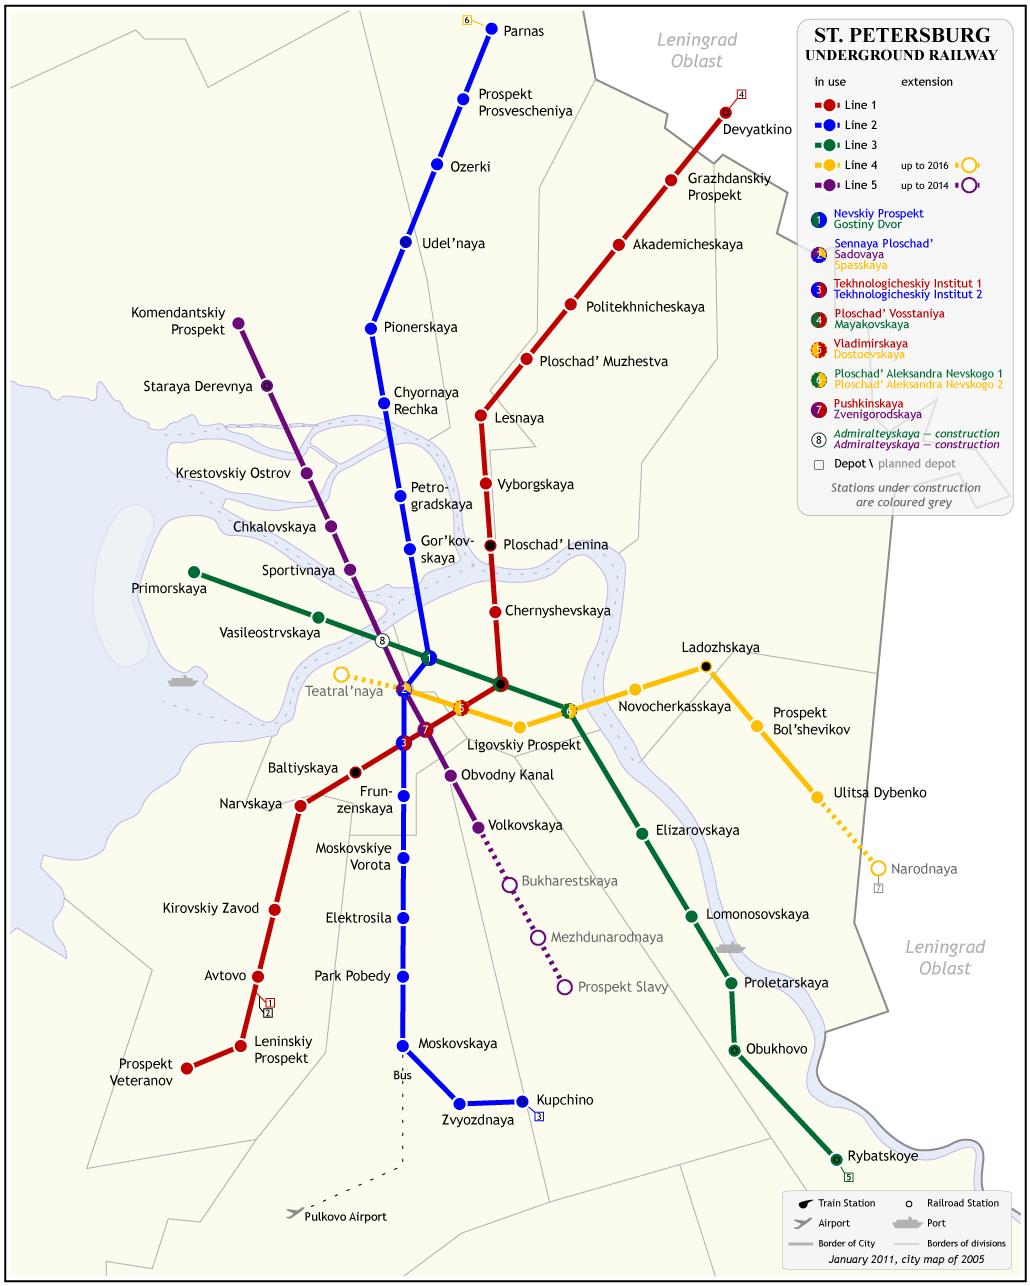 Схема метро на телефон/смартфон/коммуникатор.  Для телефонов с низким разрешением экрана.